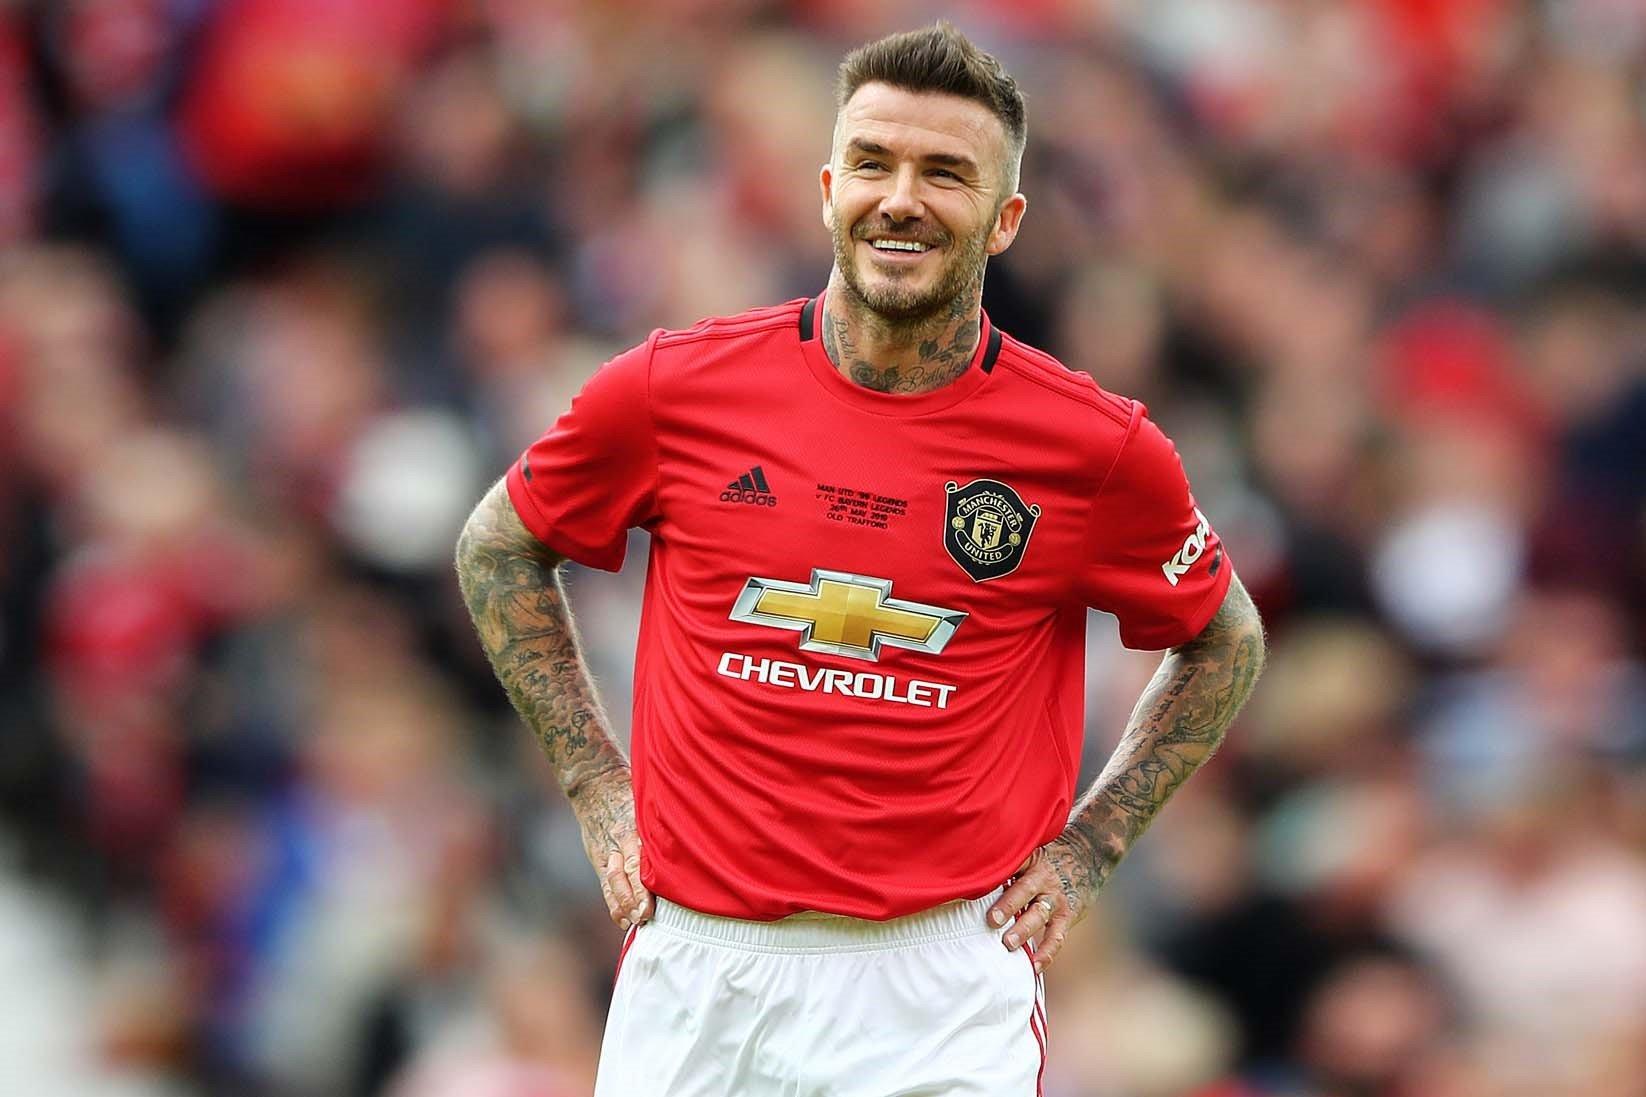 David Beckham từng mắc căn bệnh không thể chữa khỏi, cần lưu ý những dấu hiệu gì? - 1